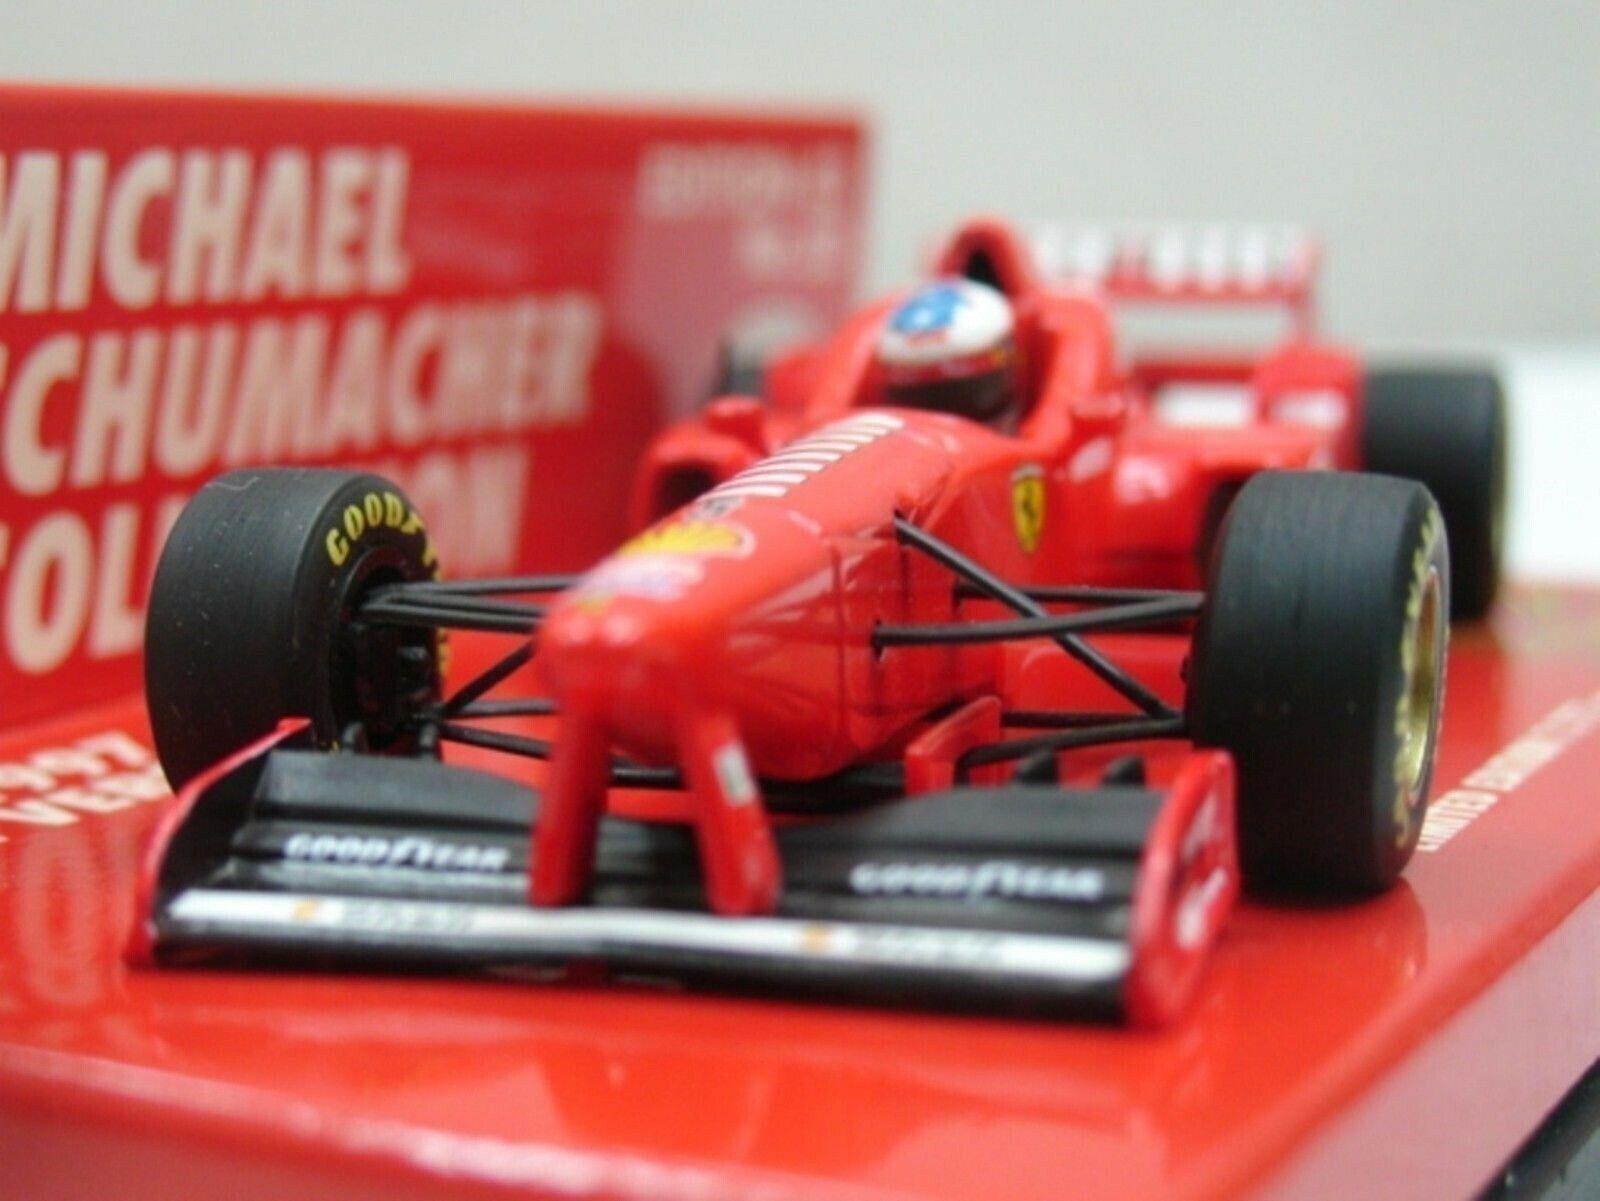 WOW EXTREMELY RARE Ferrari F310B Schumacher 32 Launch Maran 1997 1 43 Minichamps